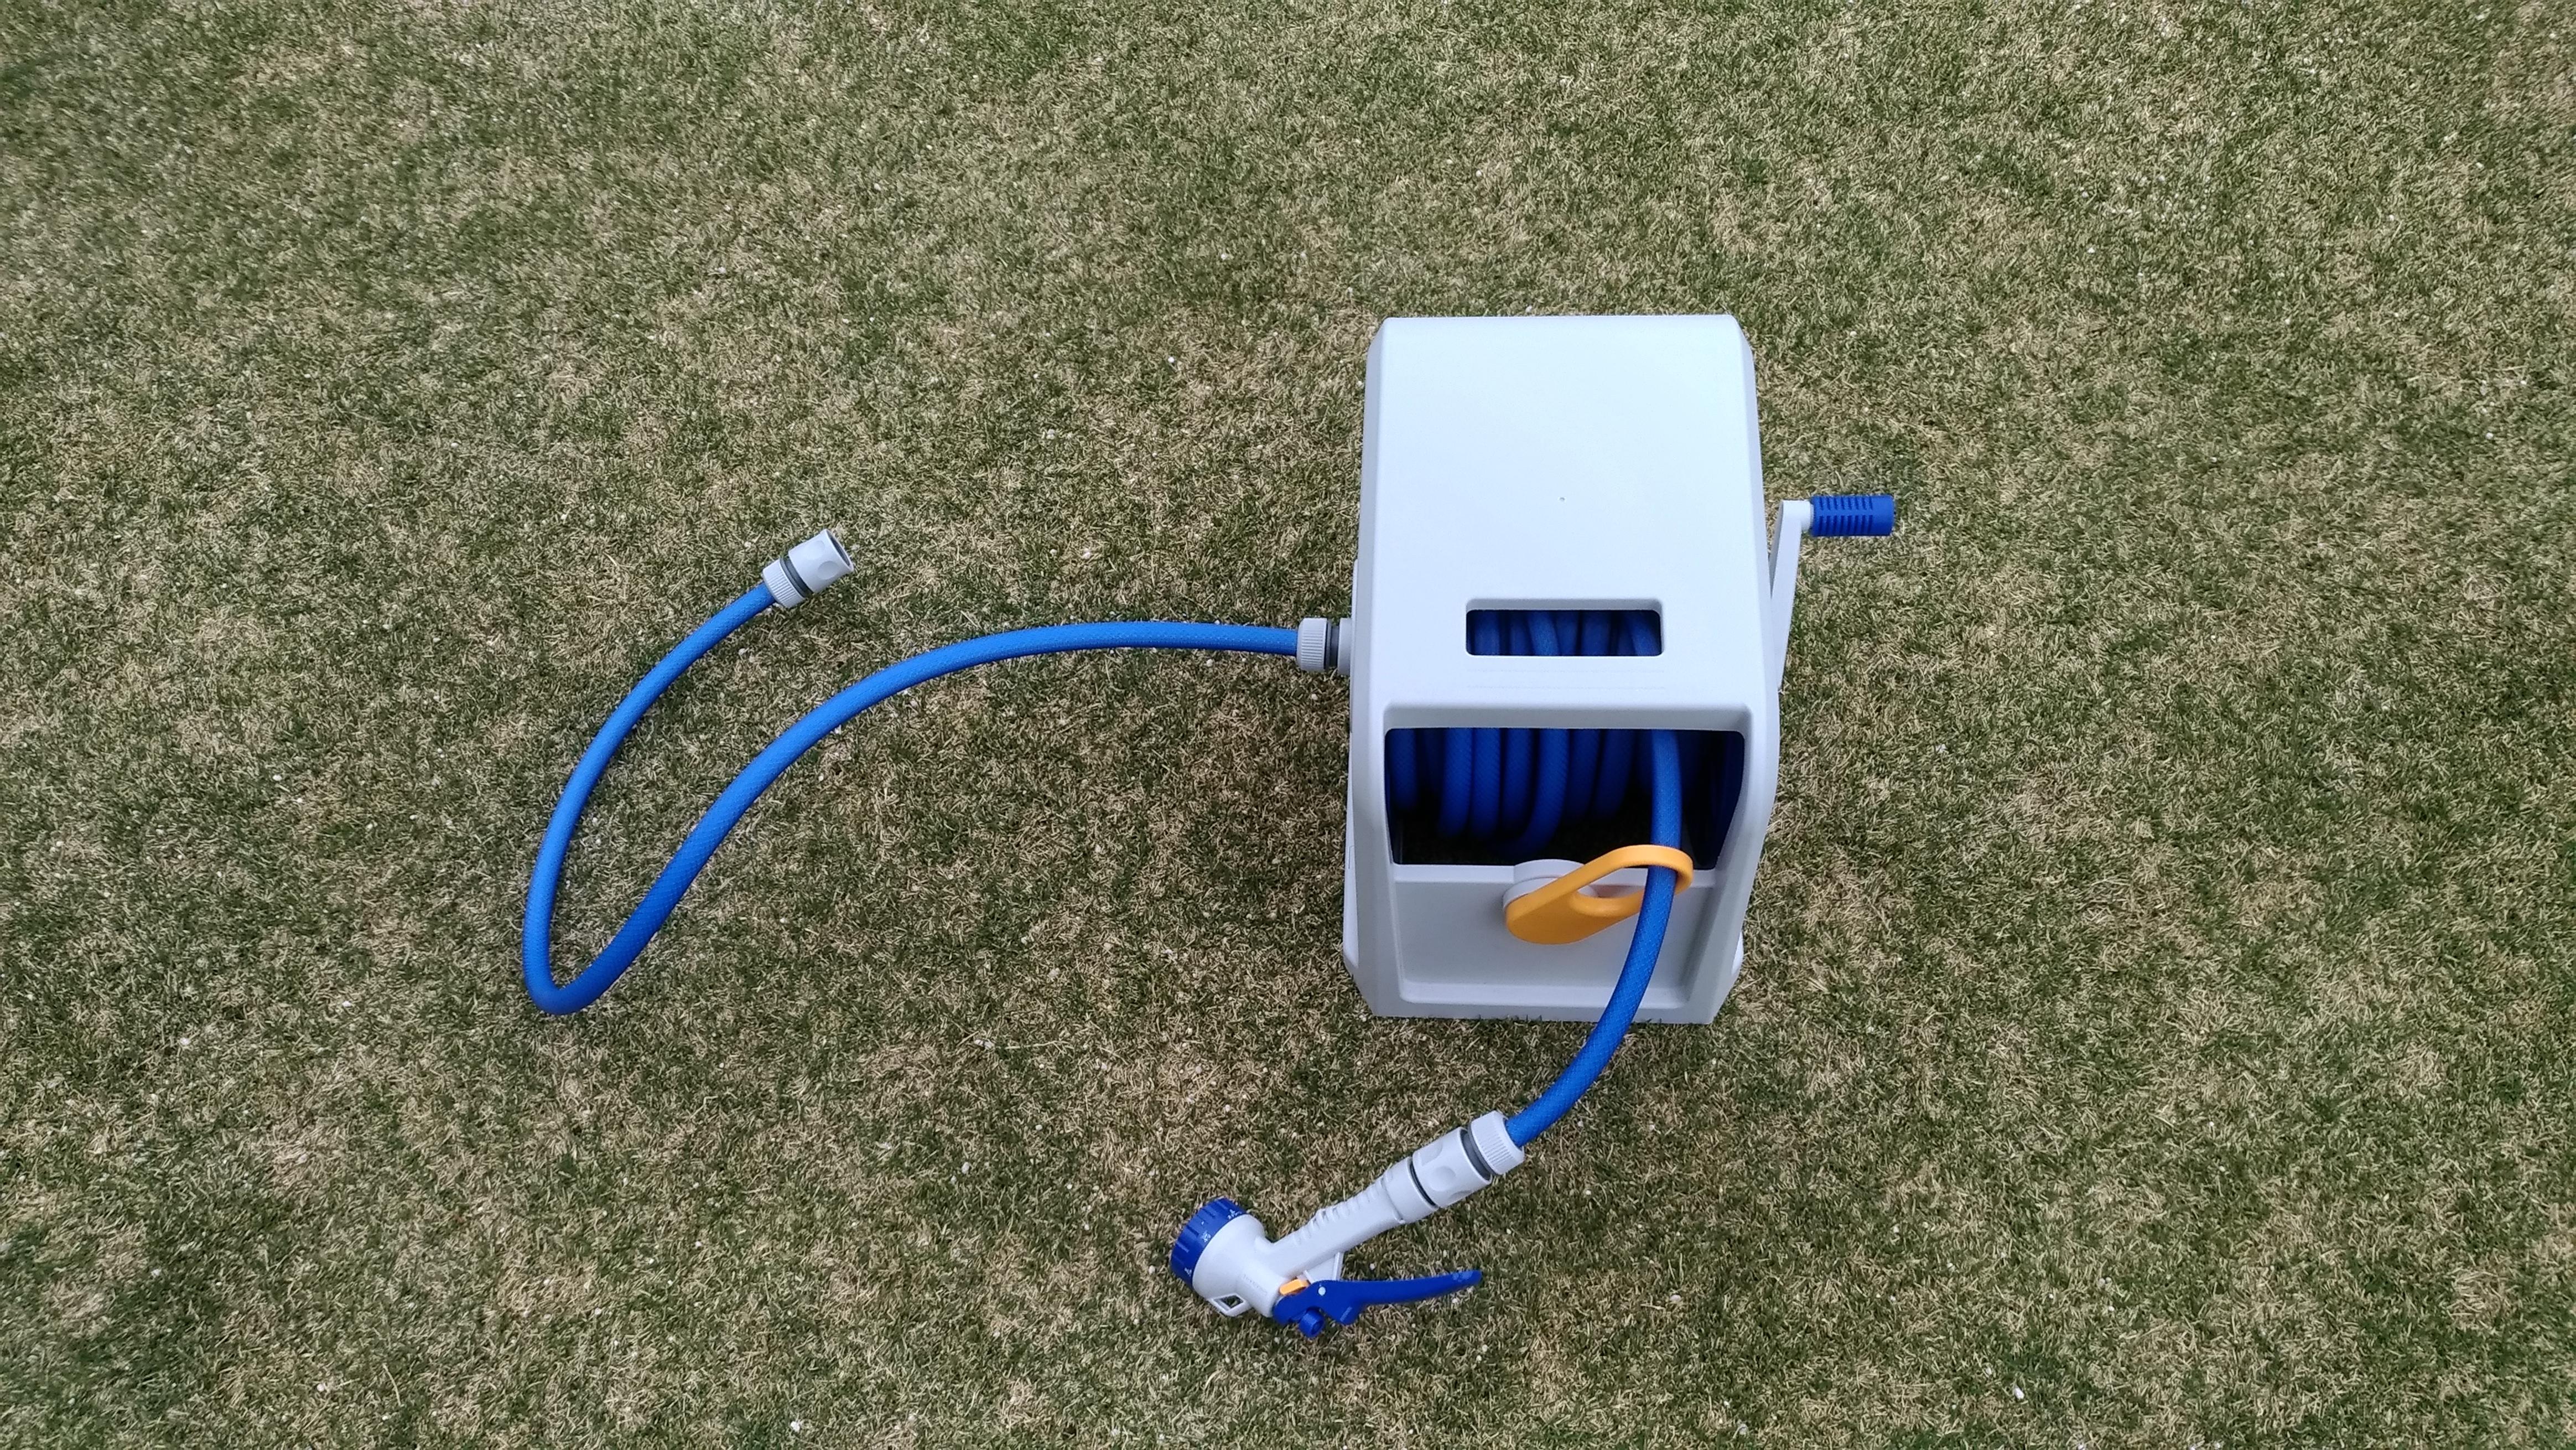 【レビュー】散水ホーズ ウェイビーキューブPRC-20GNで芝生に水やり🤗✨